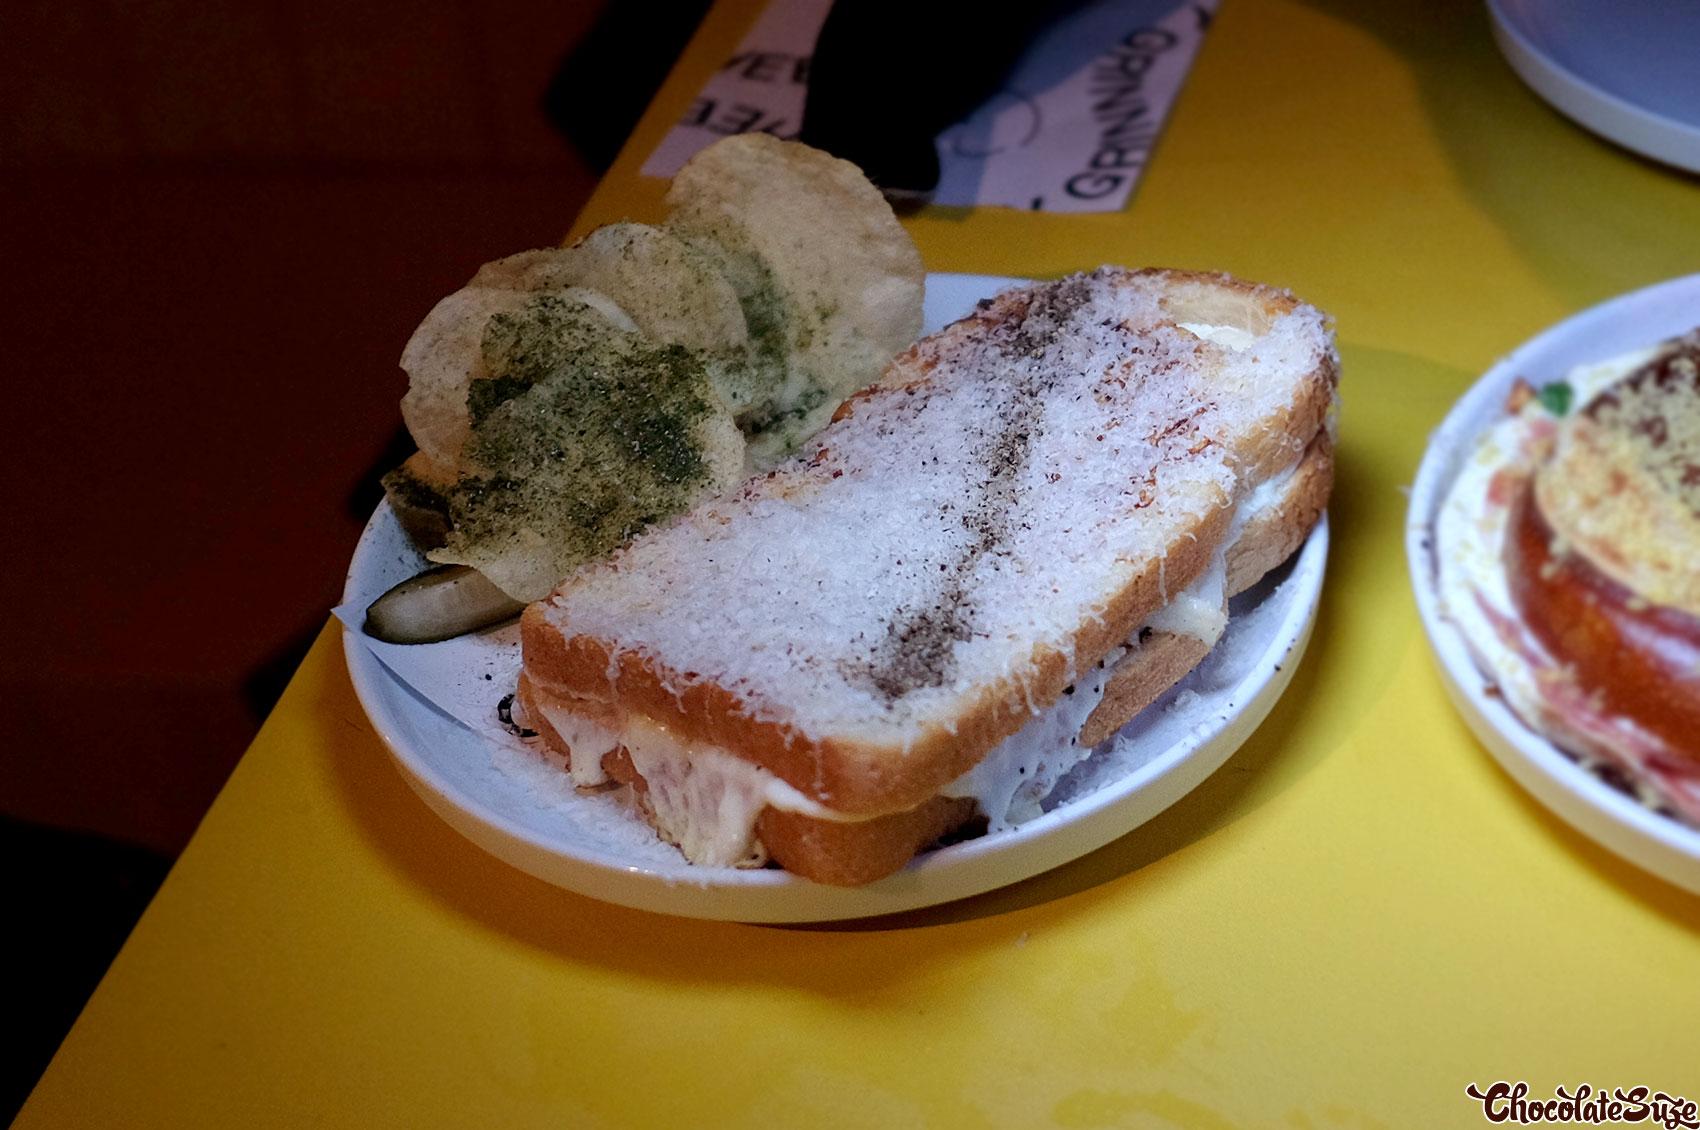 Cacio e pepe toastie at Cheesy Grin, Chippendale